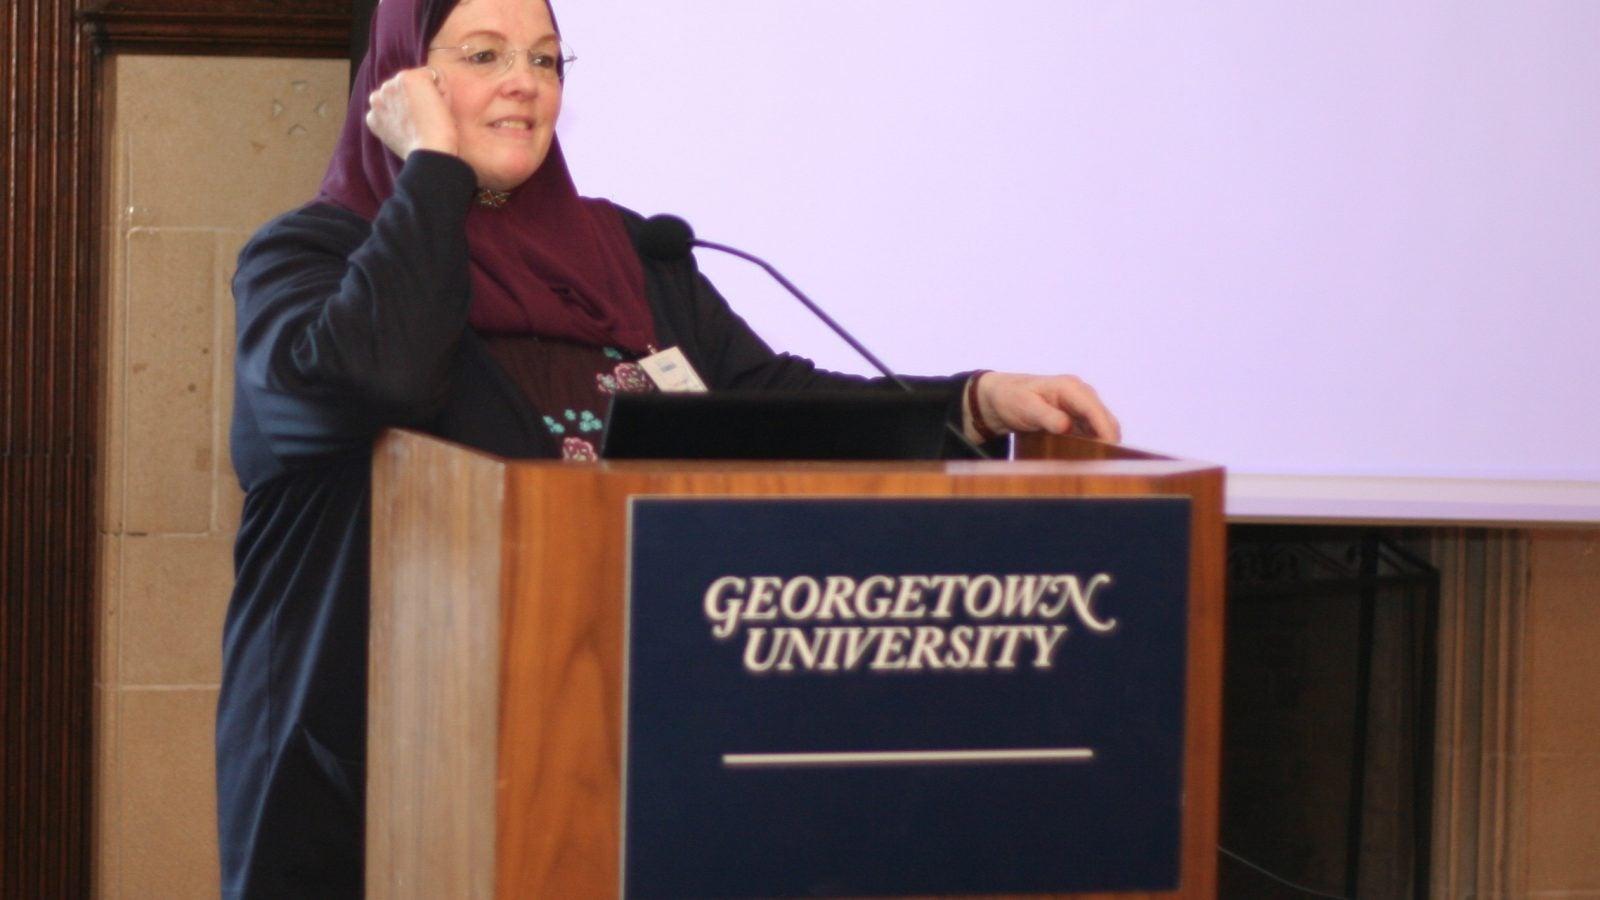 Dr. Susan Douglass